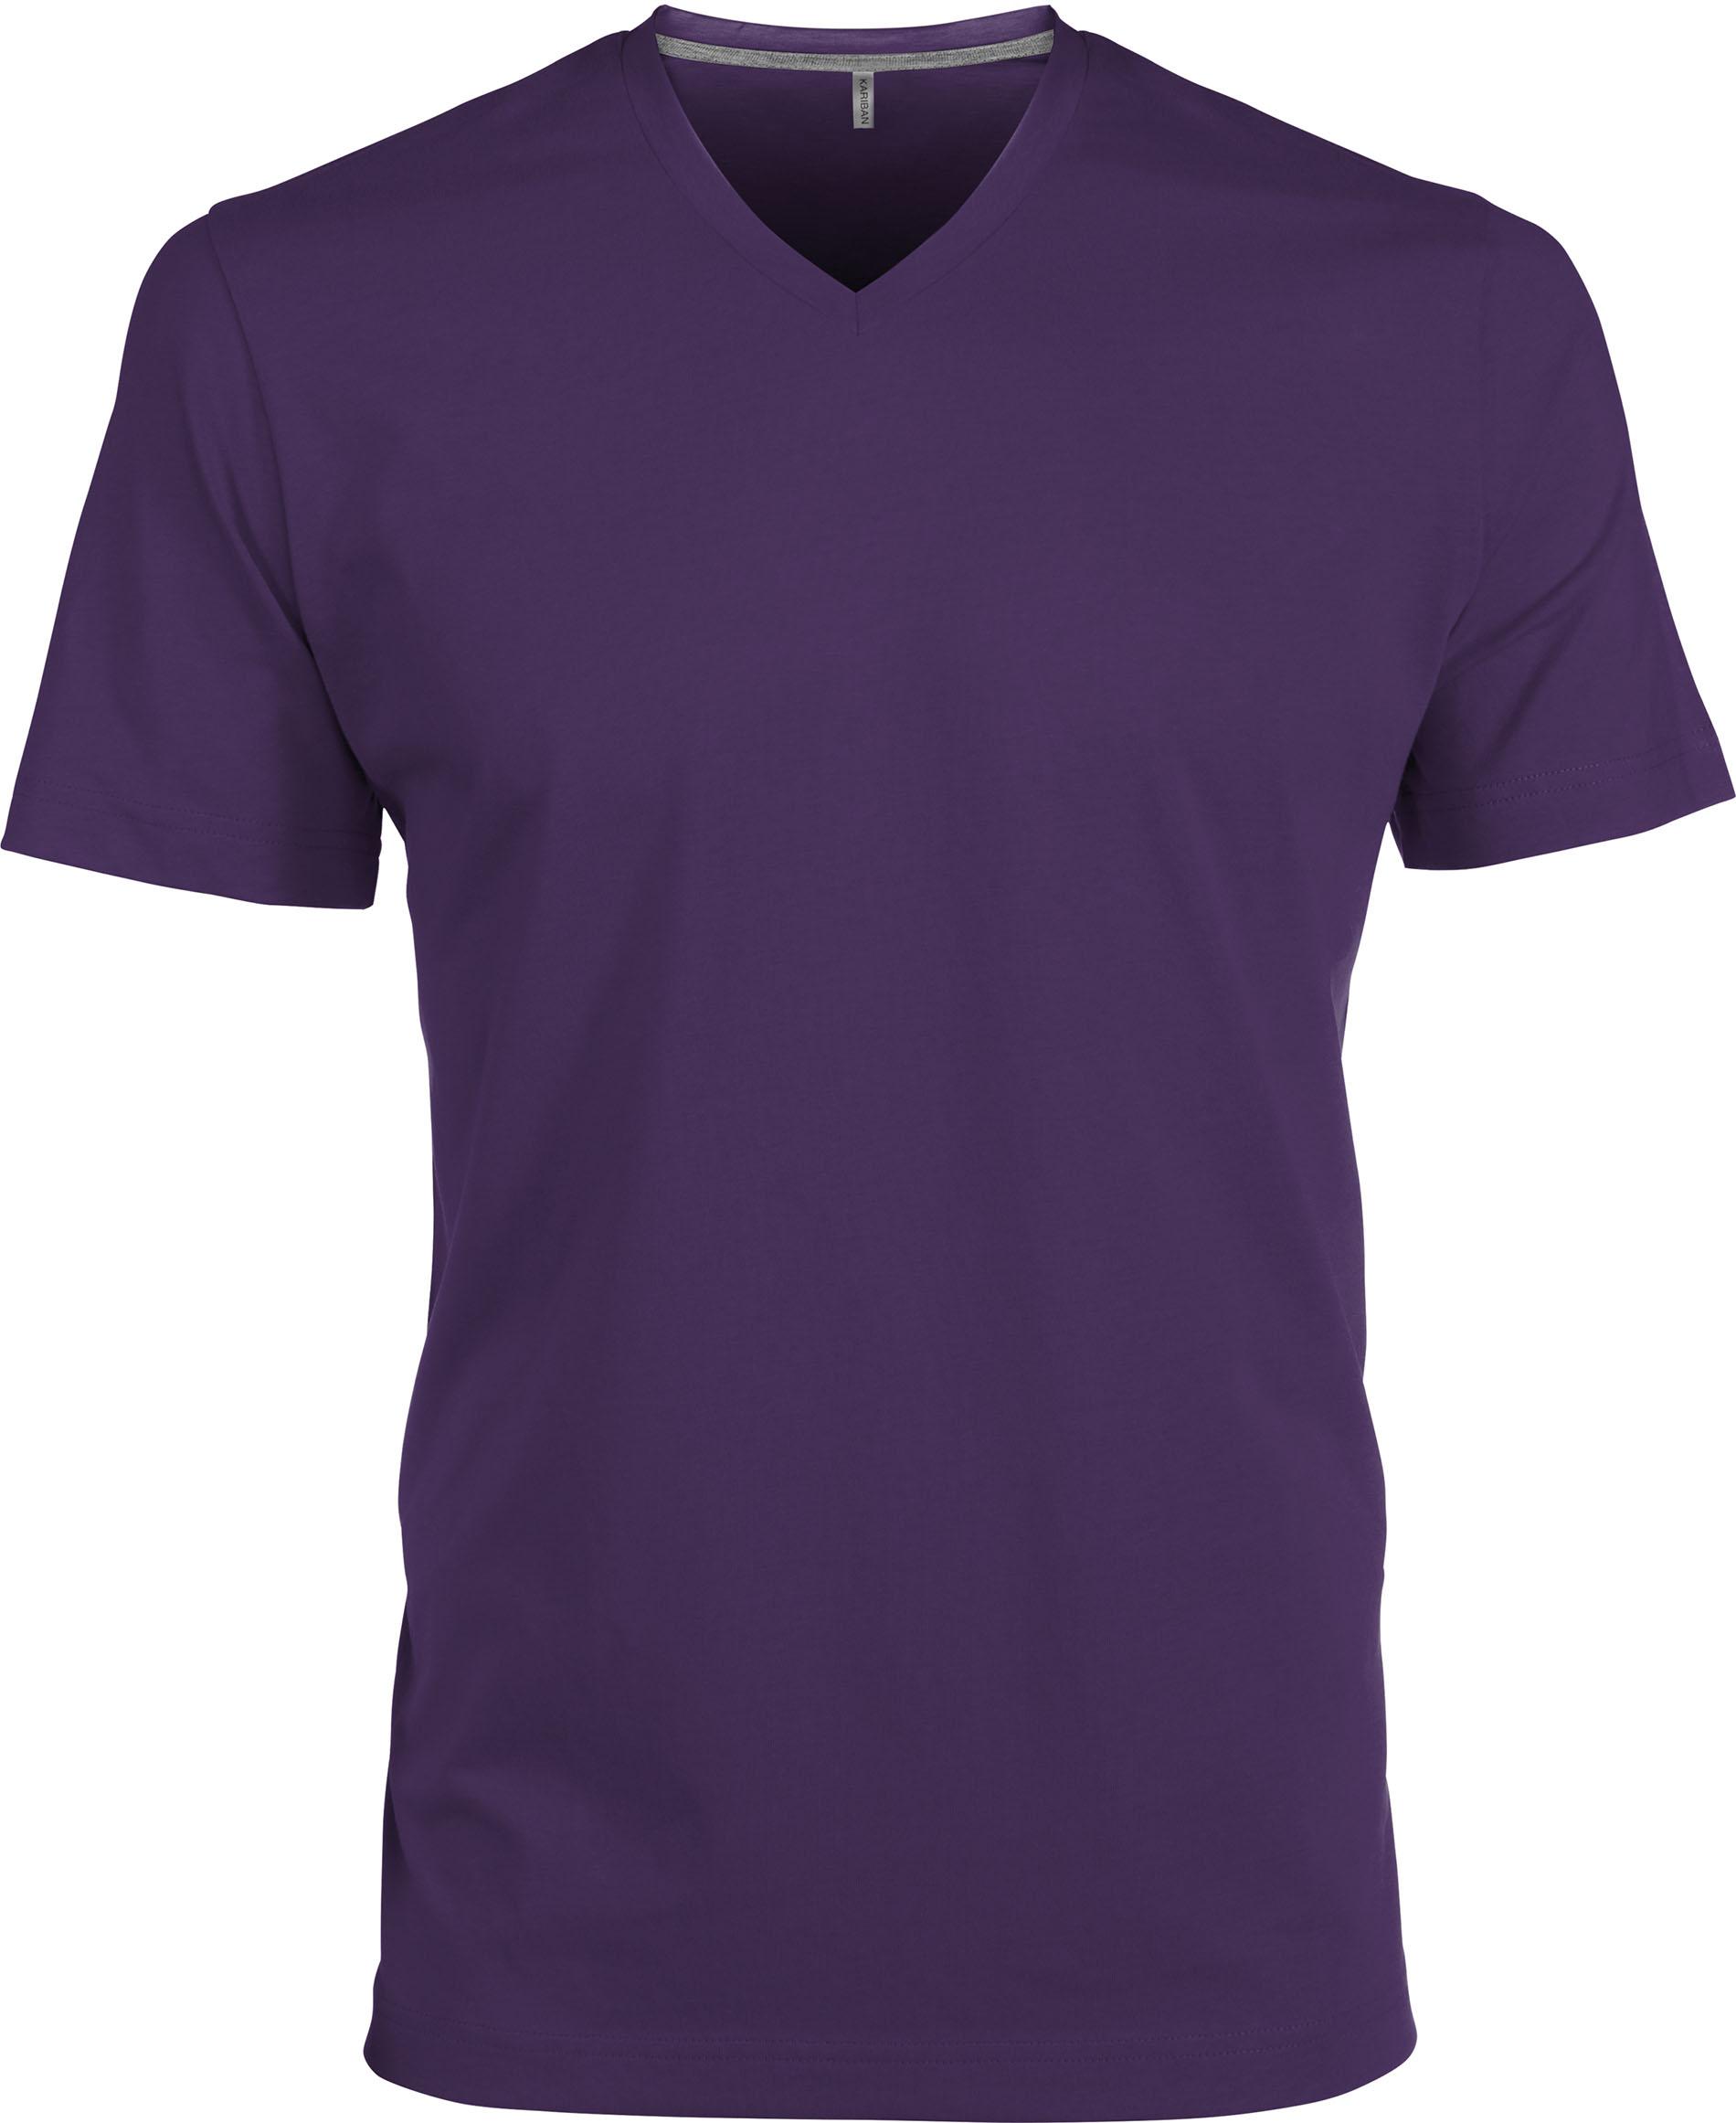 T-paita K356 V-aukko Violetti